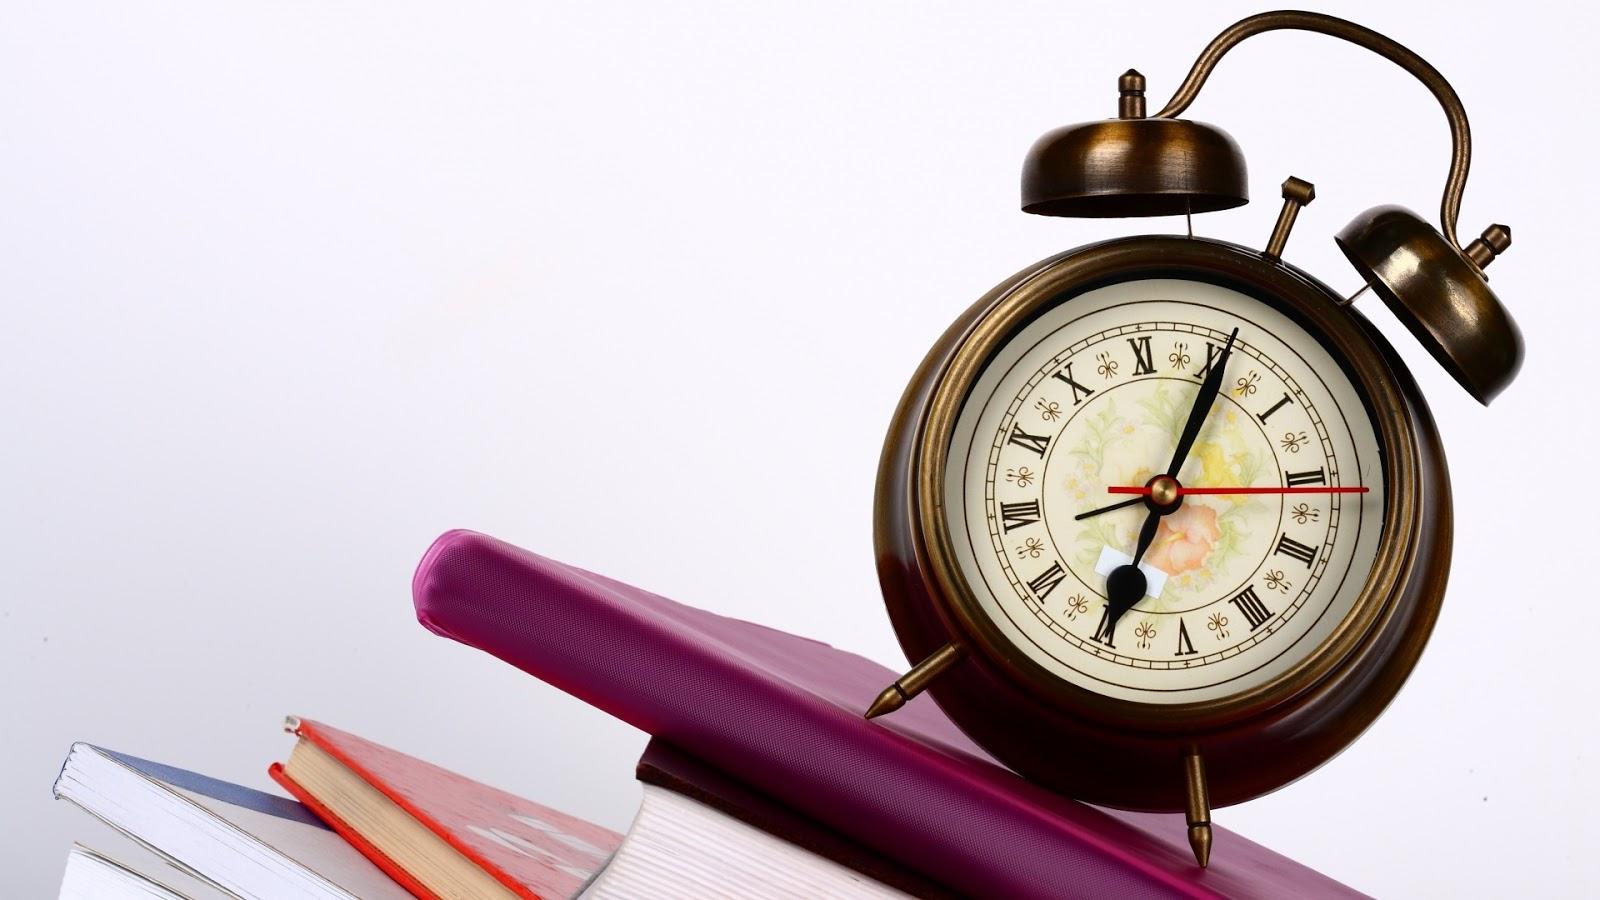 http://2.bp.blogspot.com/-3cxkDI8nIWw/UQc-PQ0TMZI/AAAAAAAAUL4/ucZdSwygagI/s1600/alarm-clock-on-book.jpg